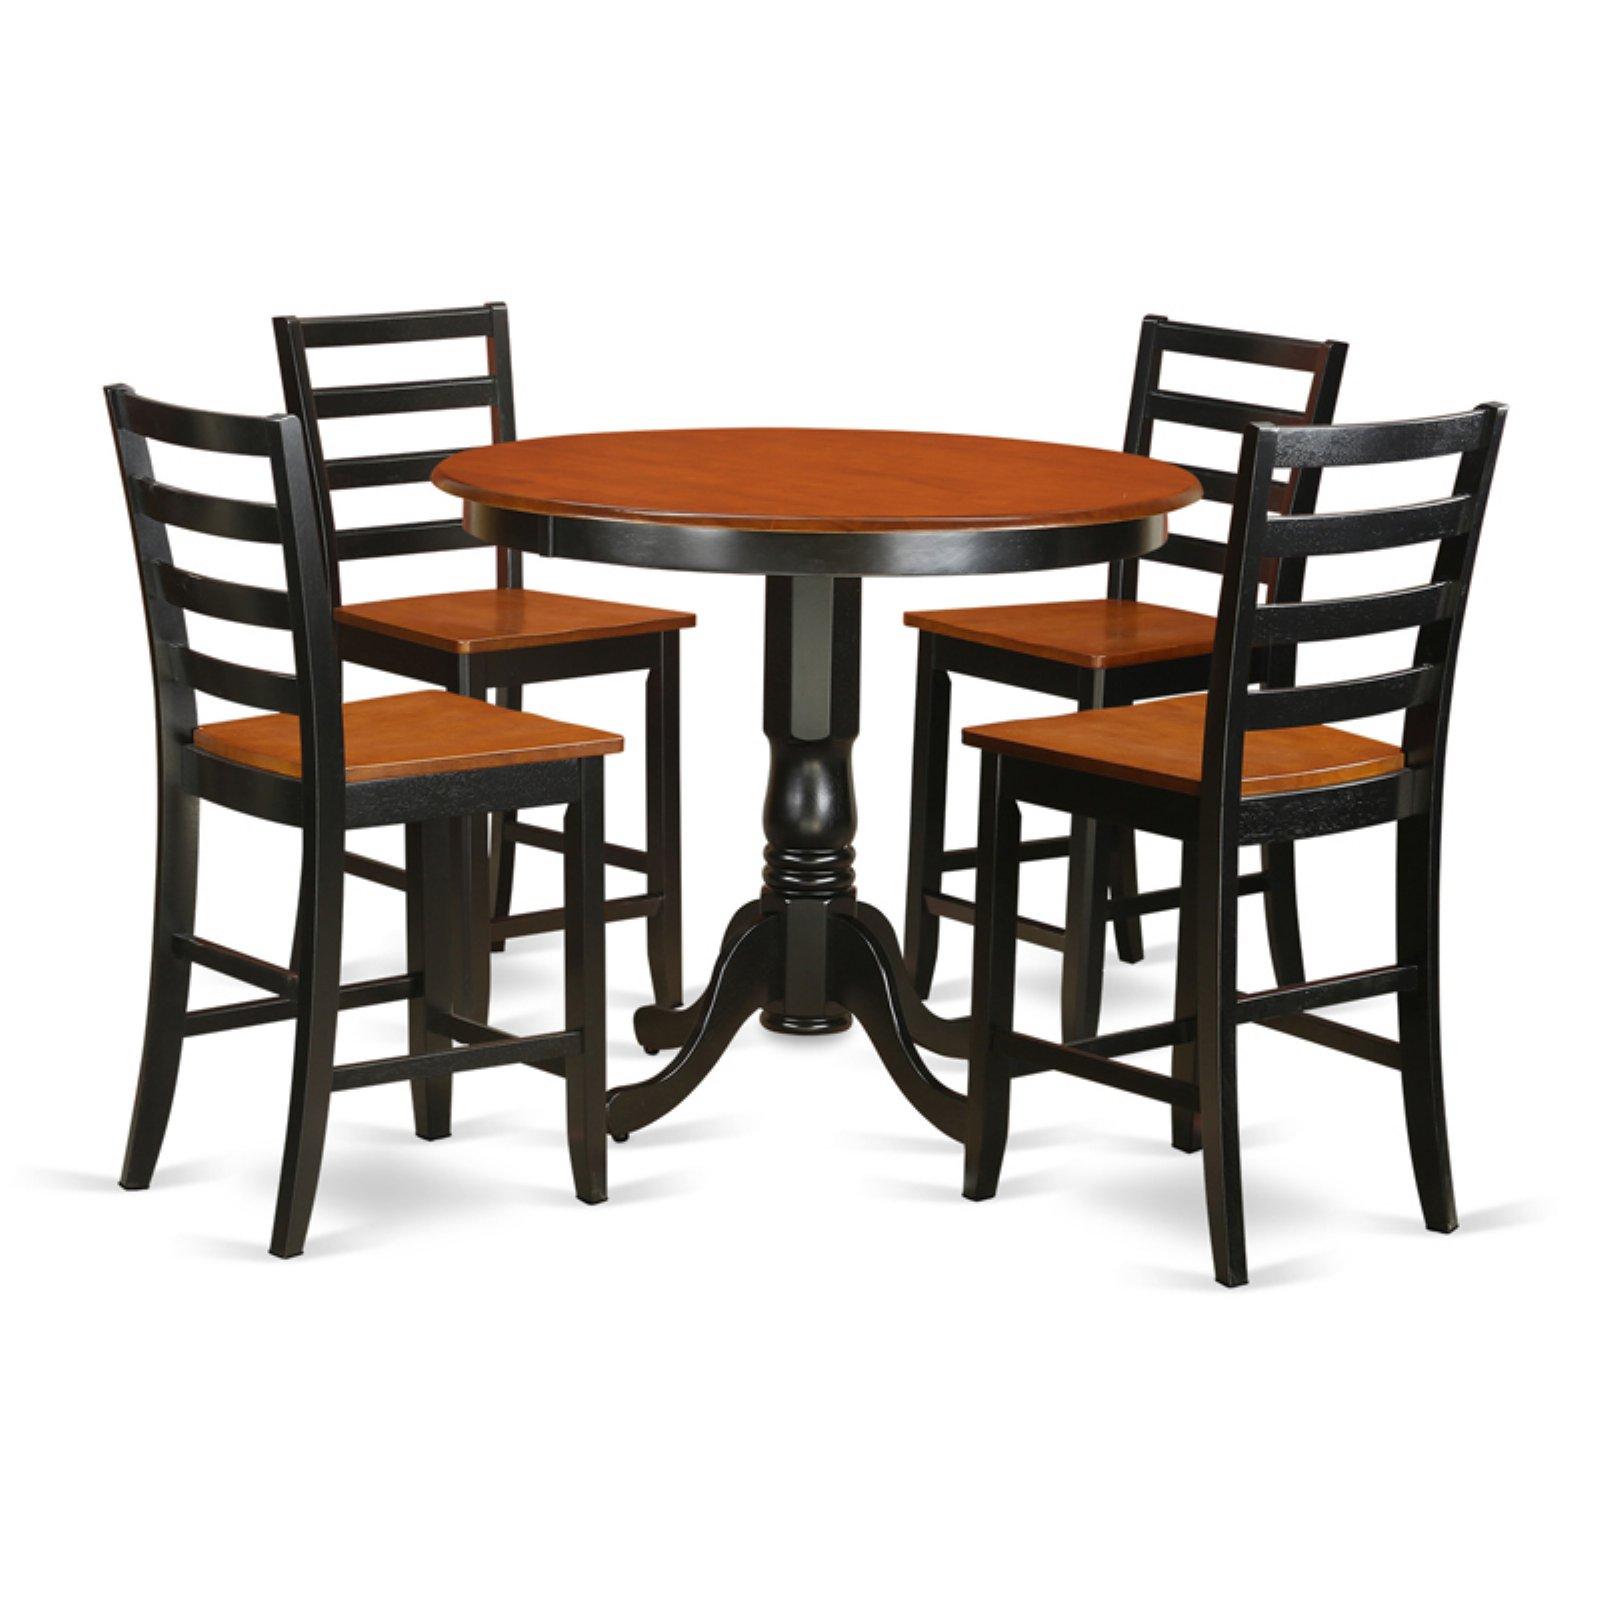 East West Furniture Trenton 5 Piece Ladder Back Dining Table Set